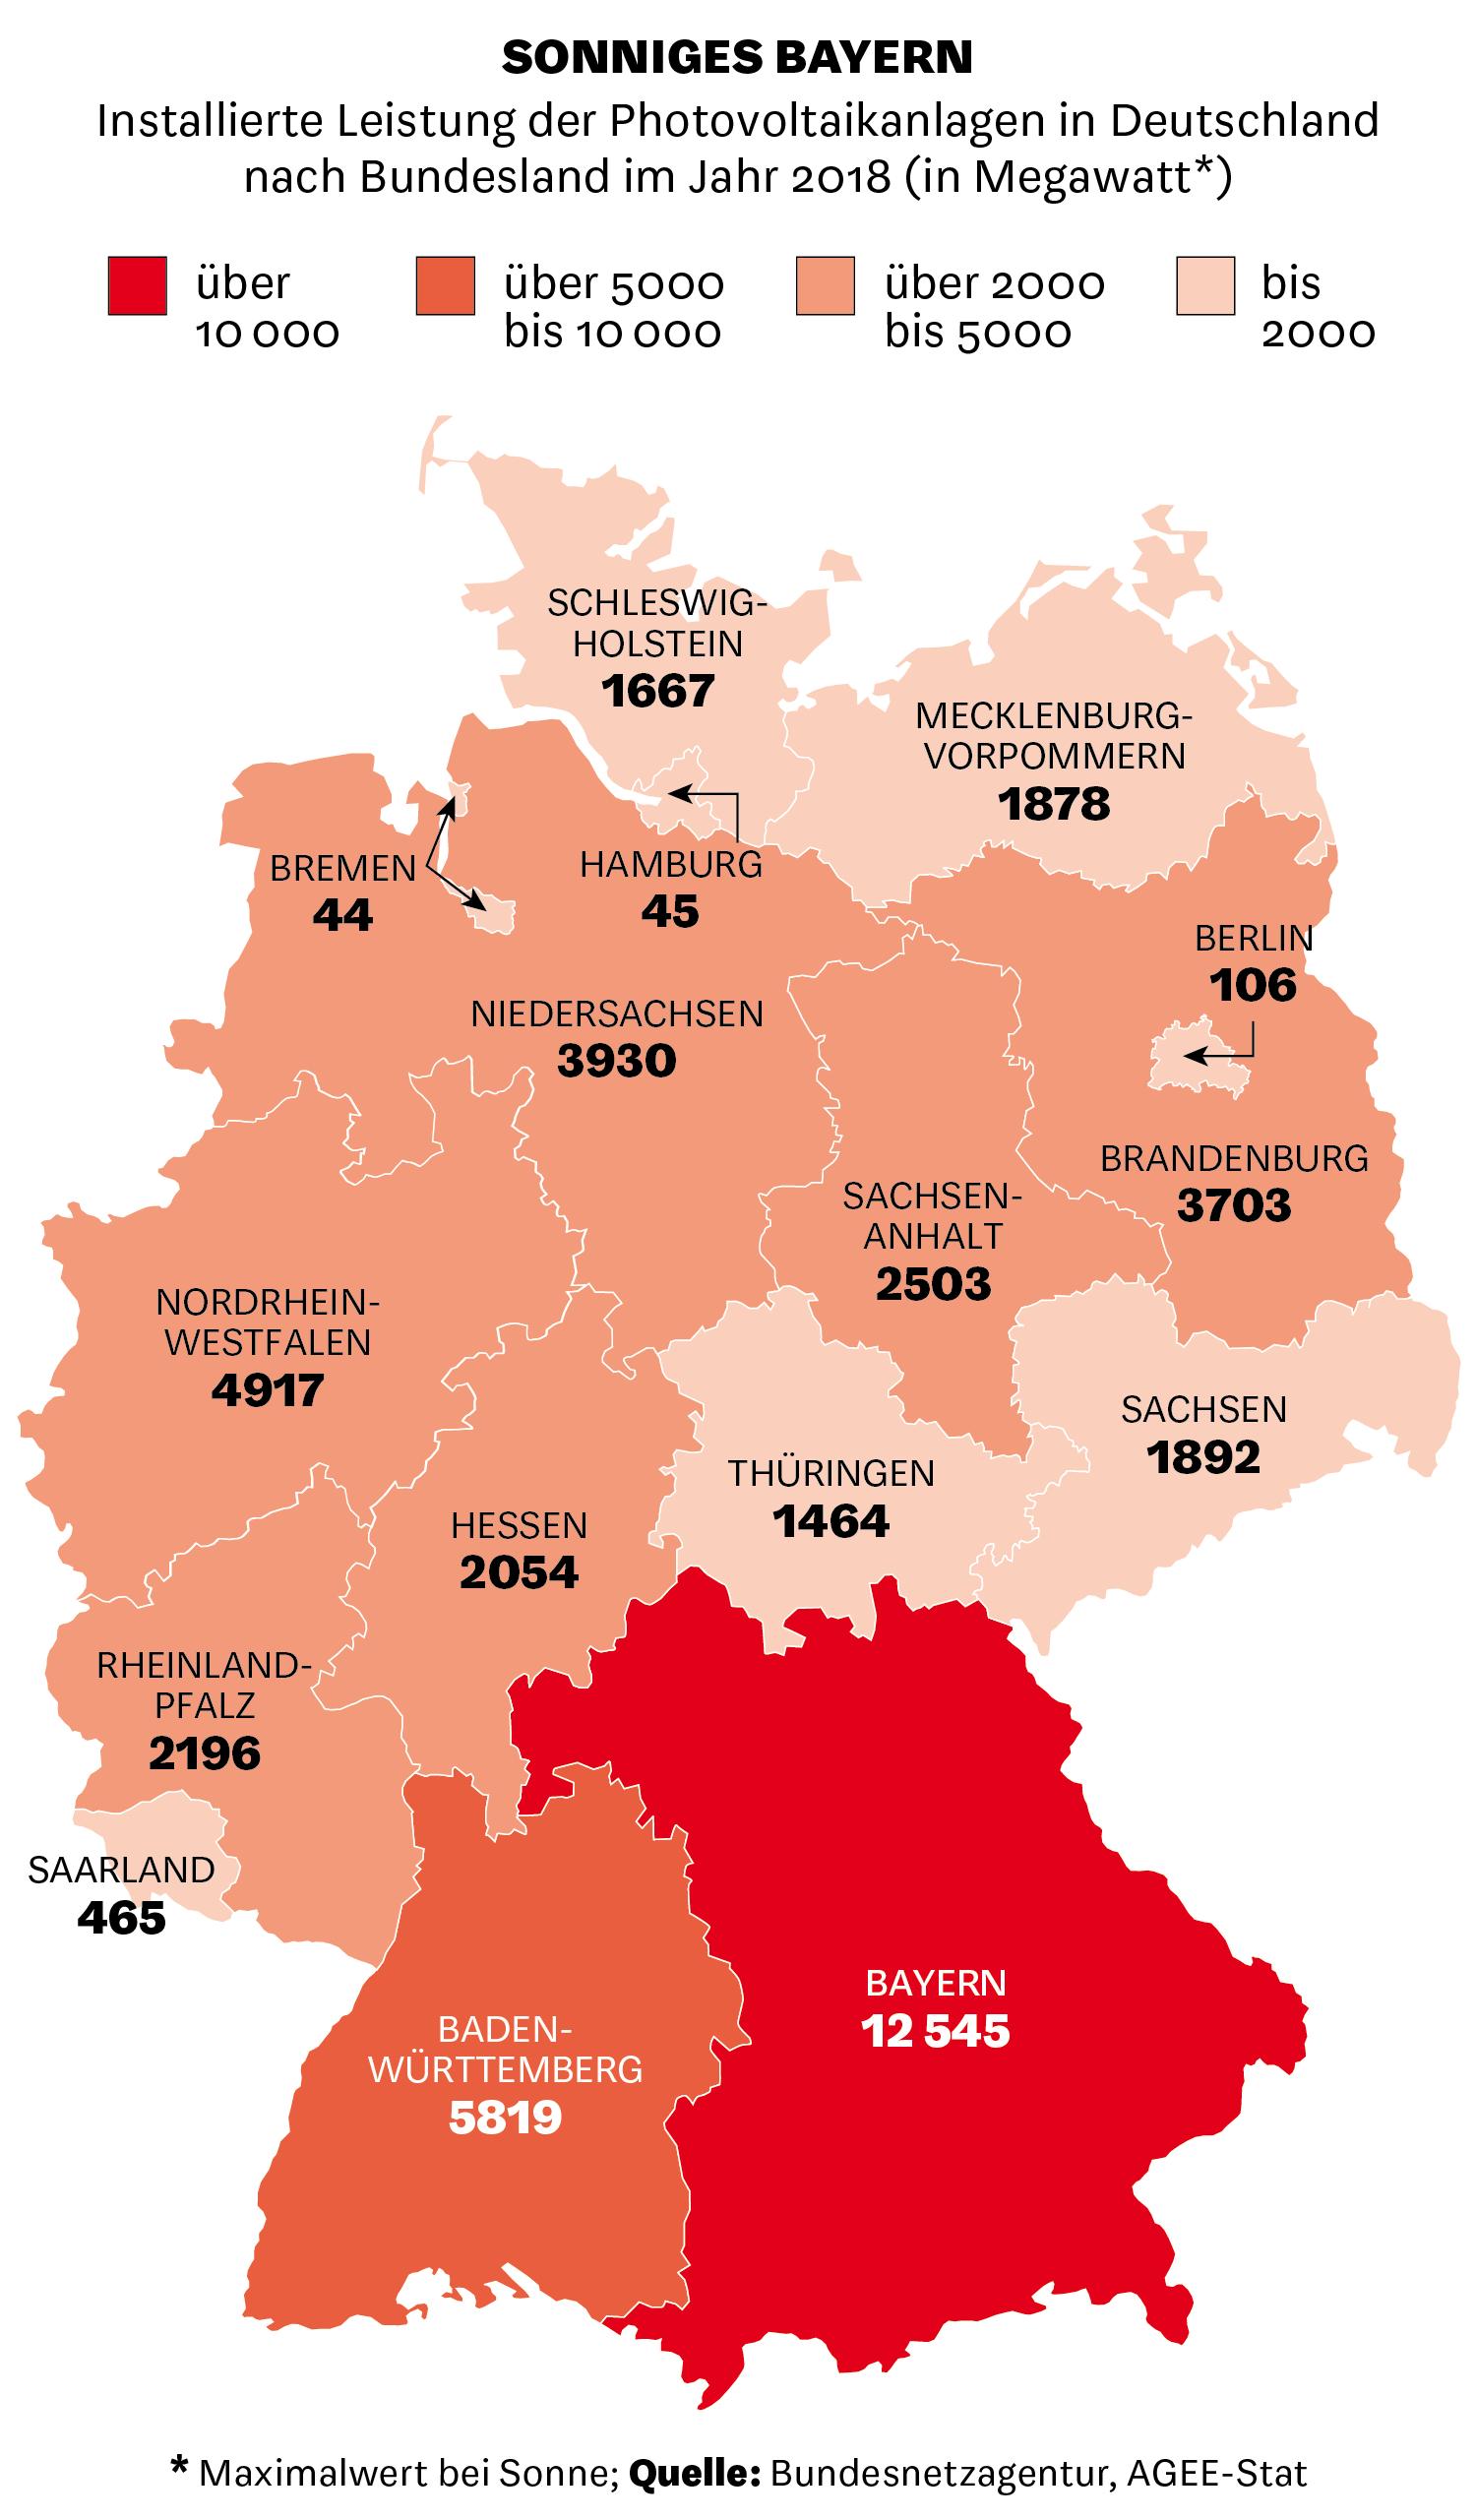 Installierte Leistung der Photovoltaikanlagen in Deutschlandnach Bundesland im Jahr 2018